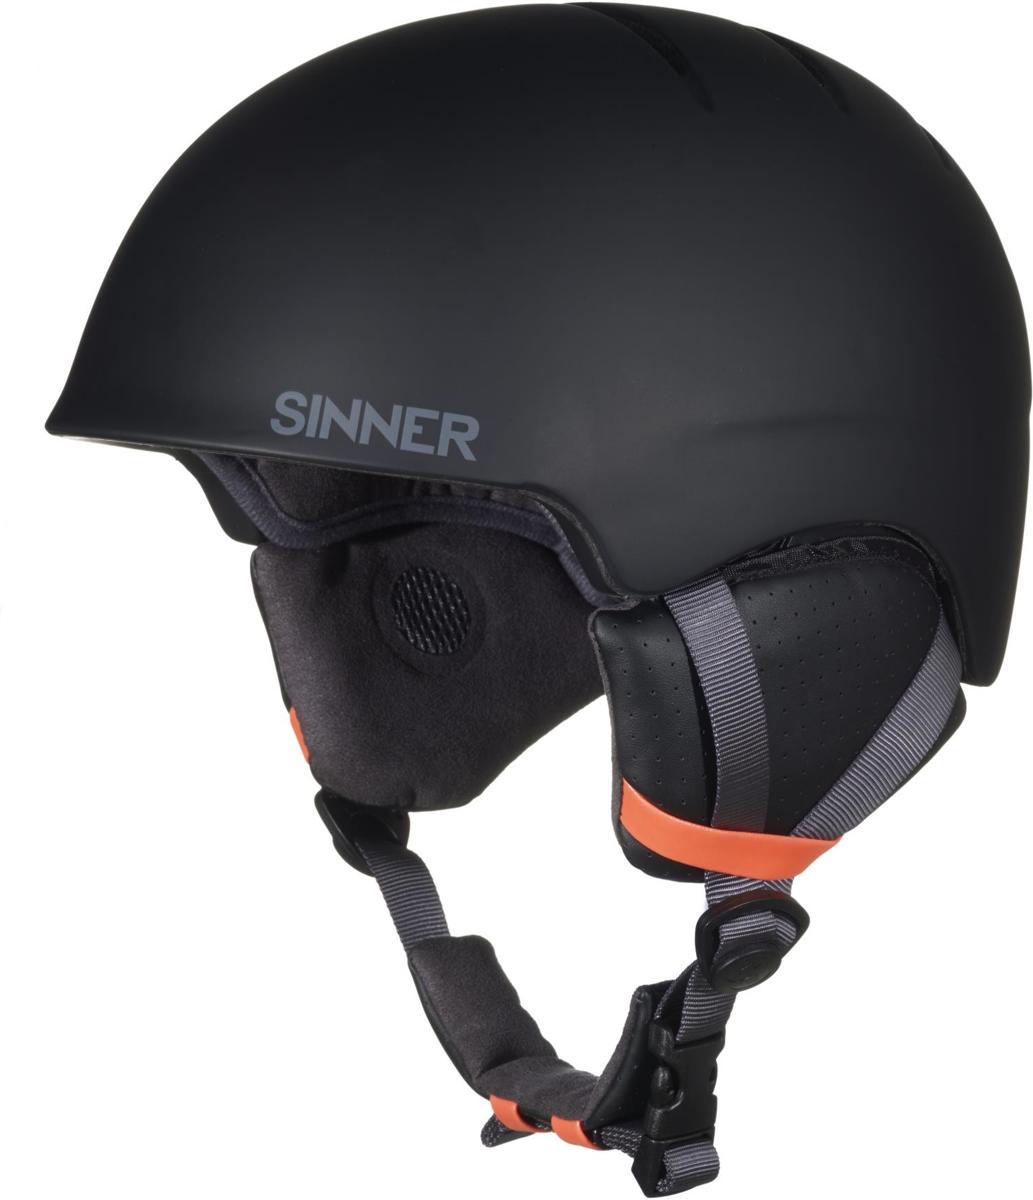 Sinner Lost Trail - Skihelm - Volwassenen - 57-58 cm / M - Zwart kopen